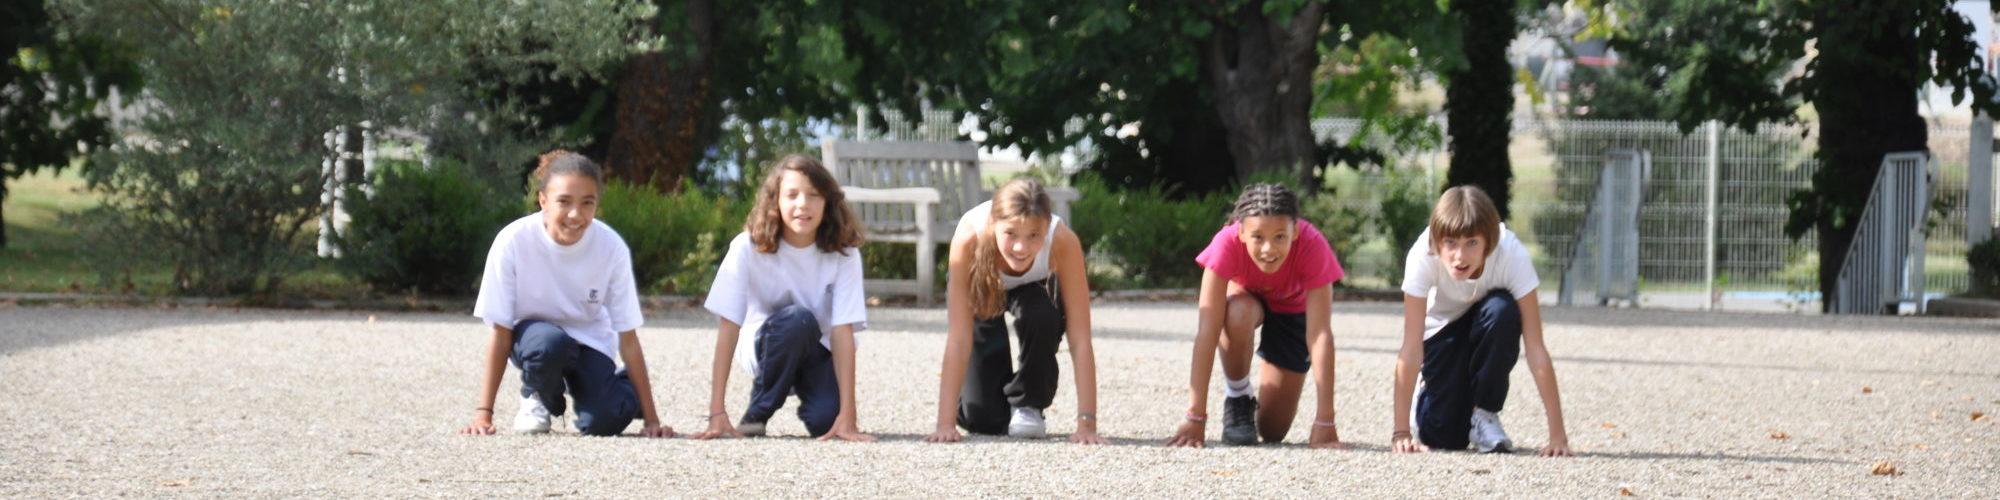 eleve en train de faire du sport au chateau Vaillant internat college lycee esport